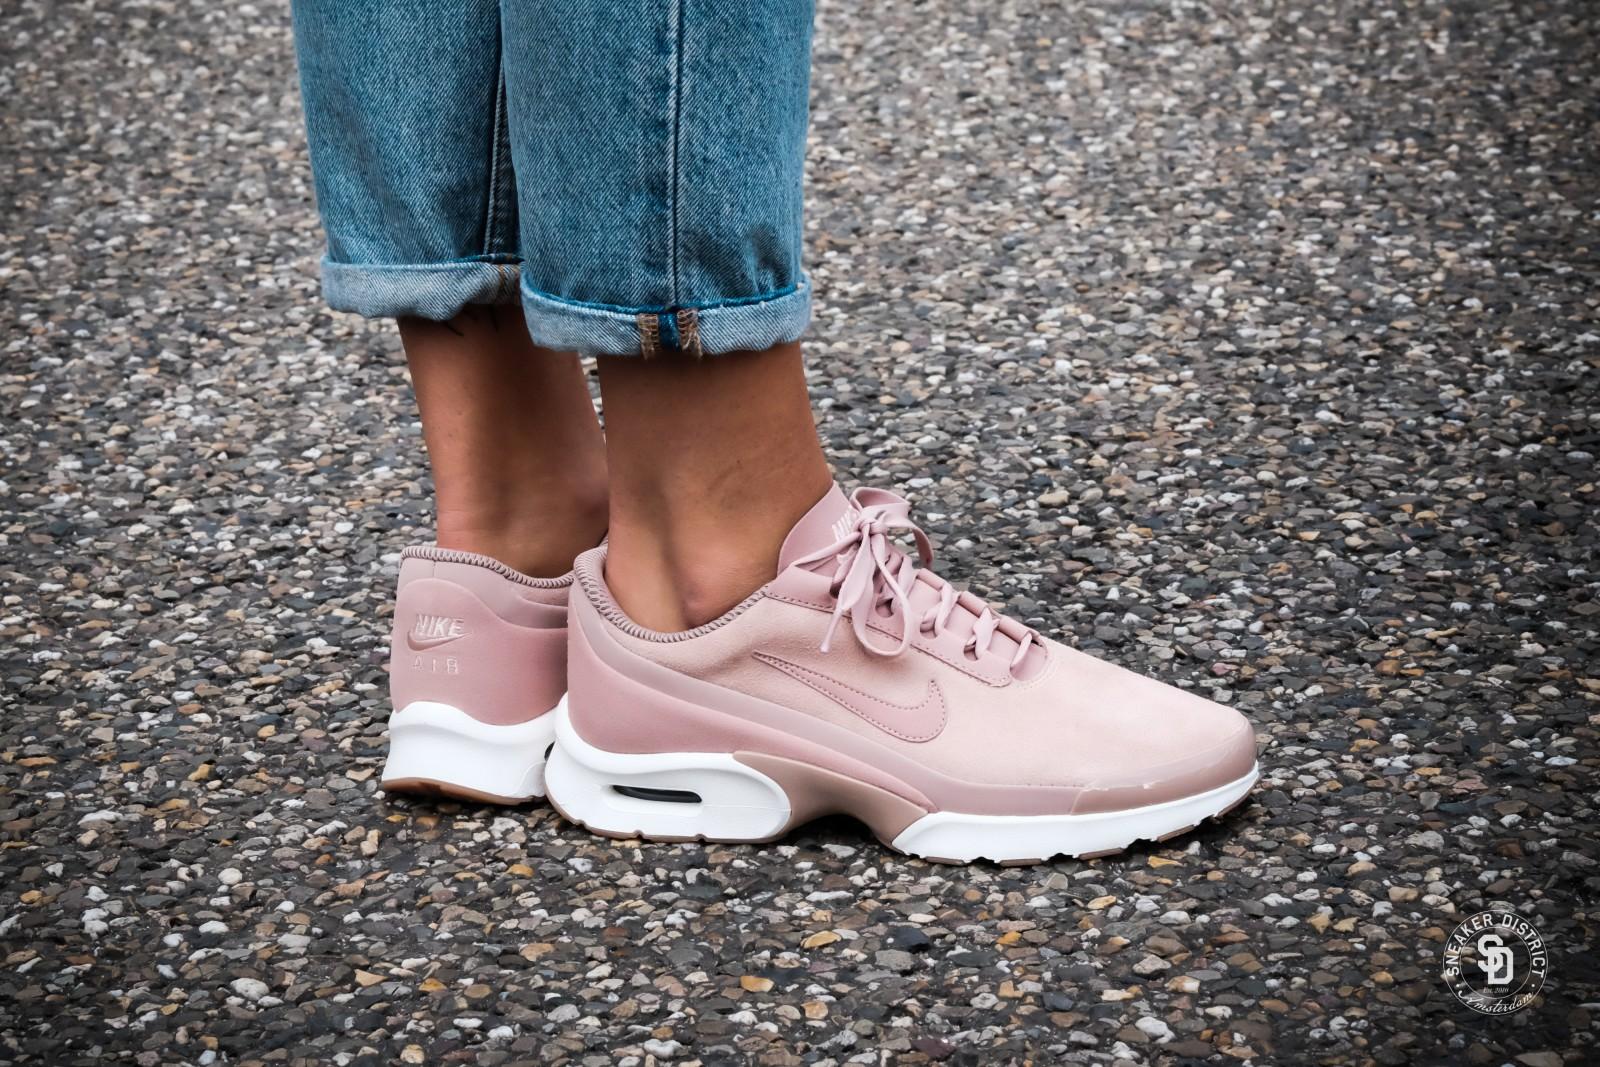 Schuhe Nike WMNS Air Max Jewell Premium Metallisches Platin 904576 003 Damen Herren Boost neue günstig Sneaker Schuhe günstig sportschuhe laufschuhe